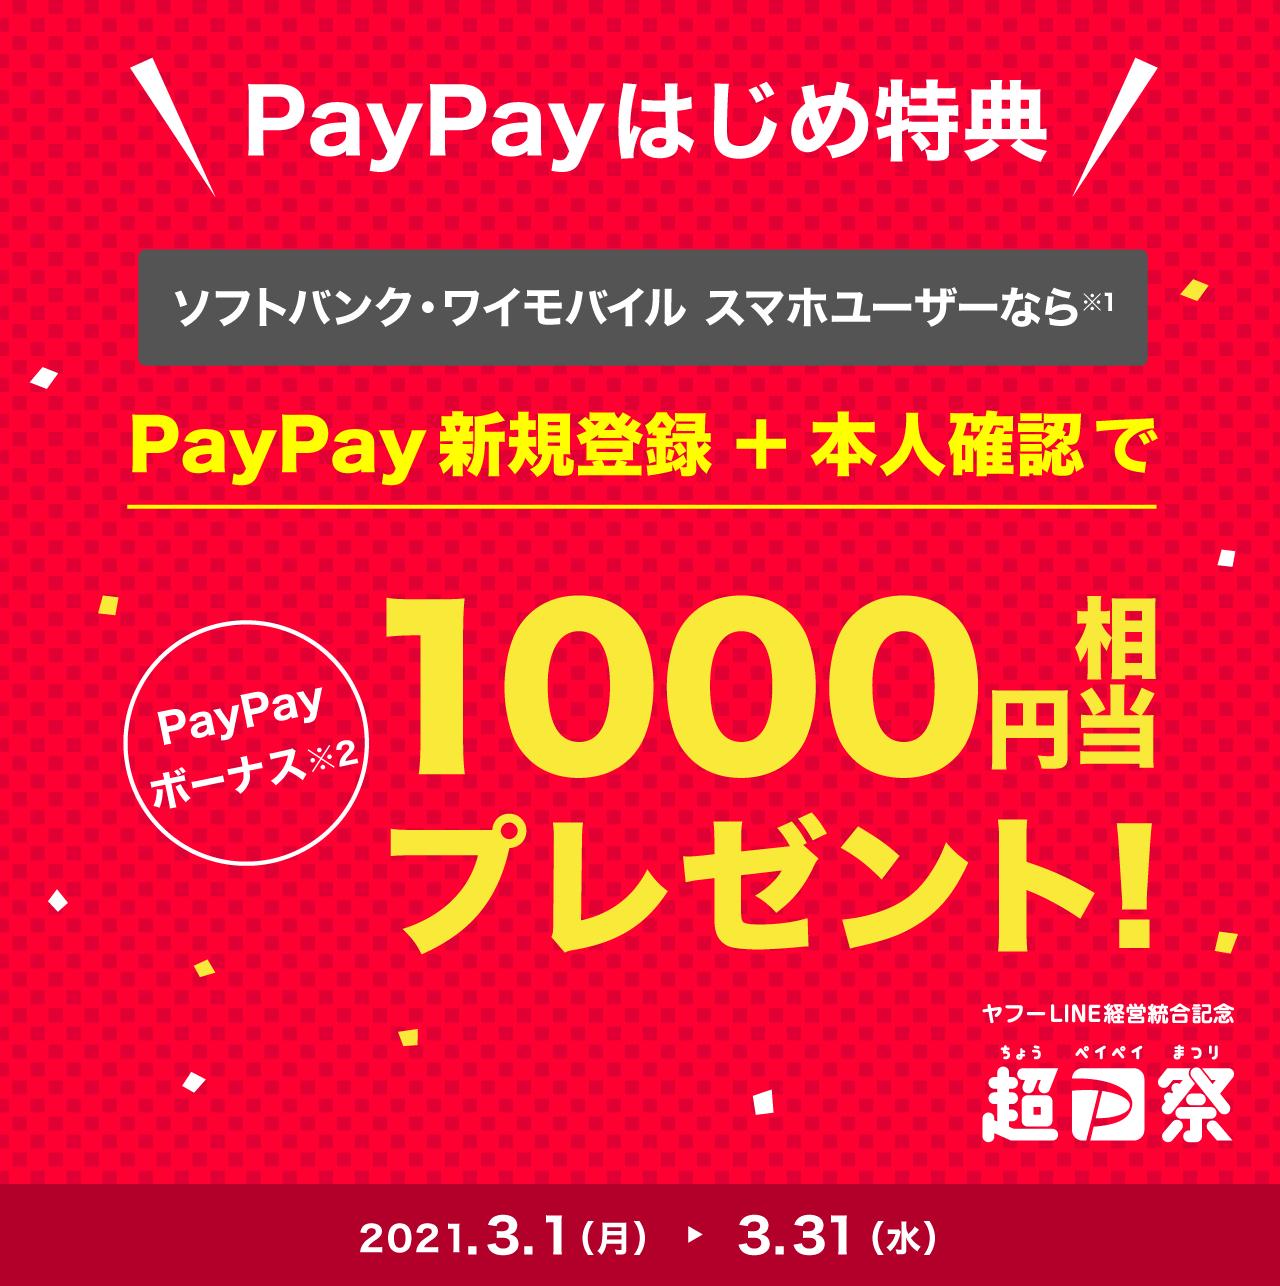 PayPayはじめ特典 ソフバンク・ワイモバイル スマホユーザーなら PayPay新規登録+本人確認でPayPayボーナス1000円相当プレゼント!